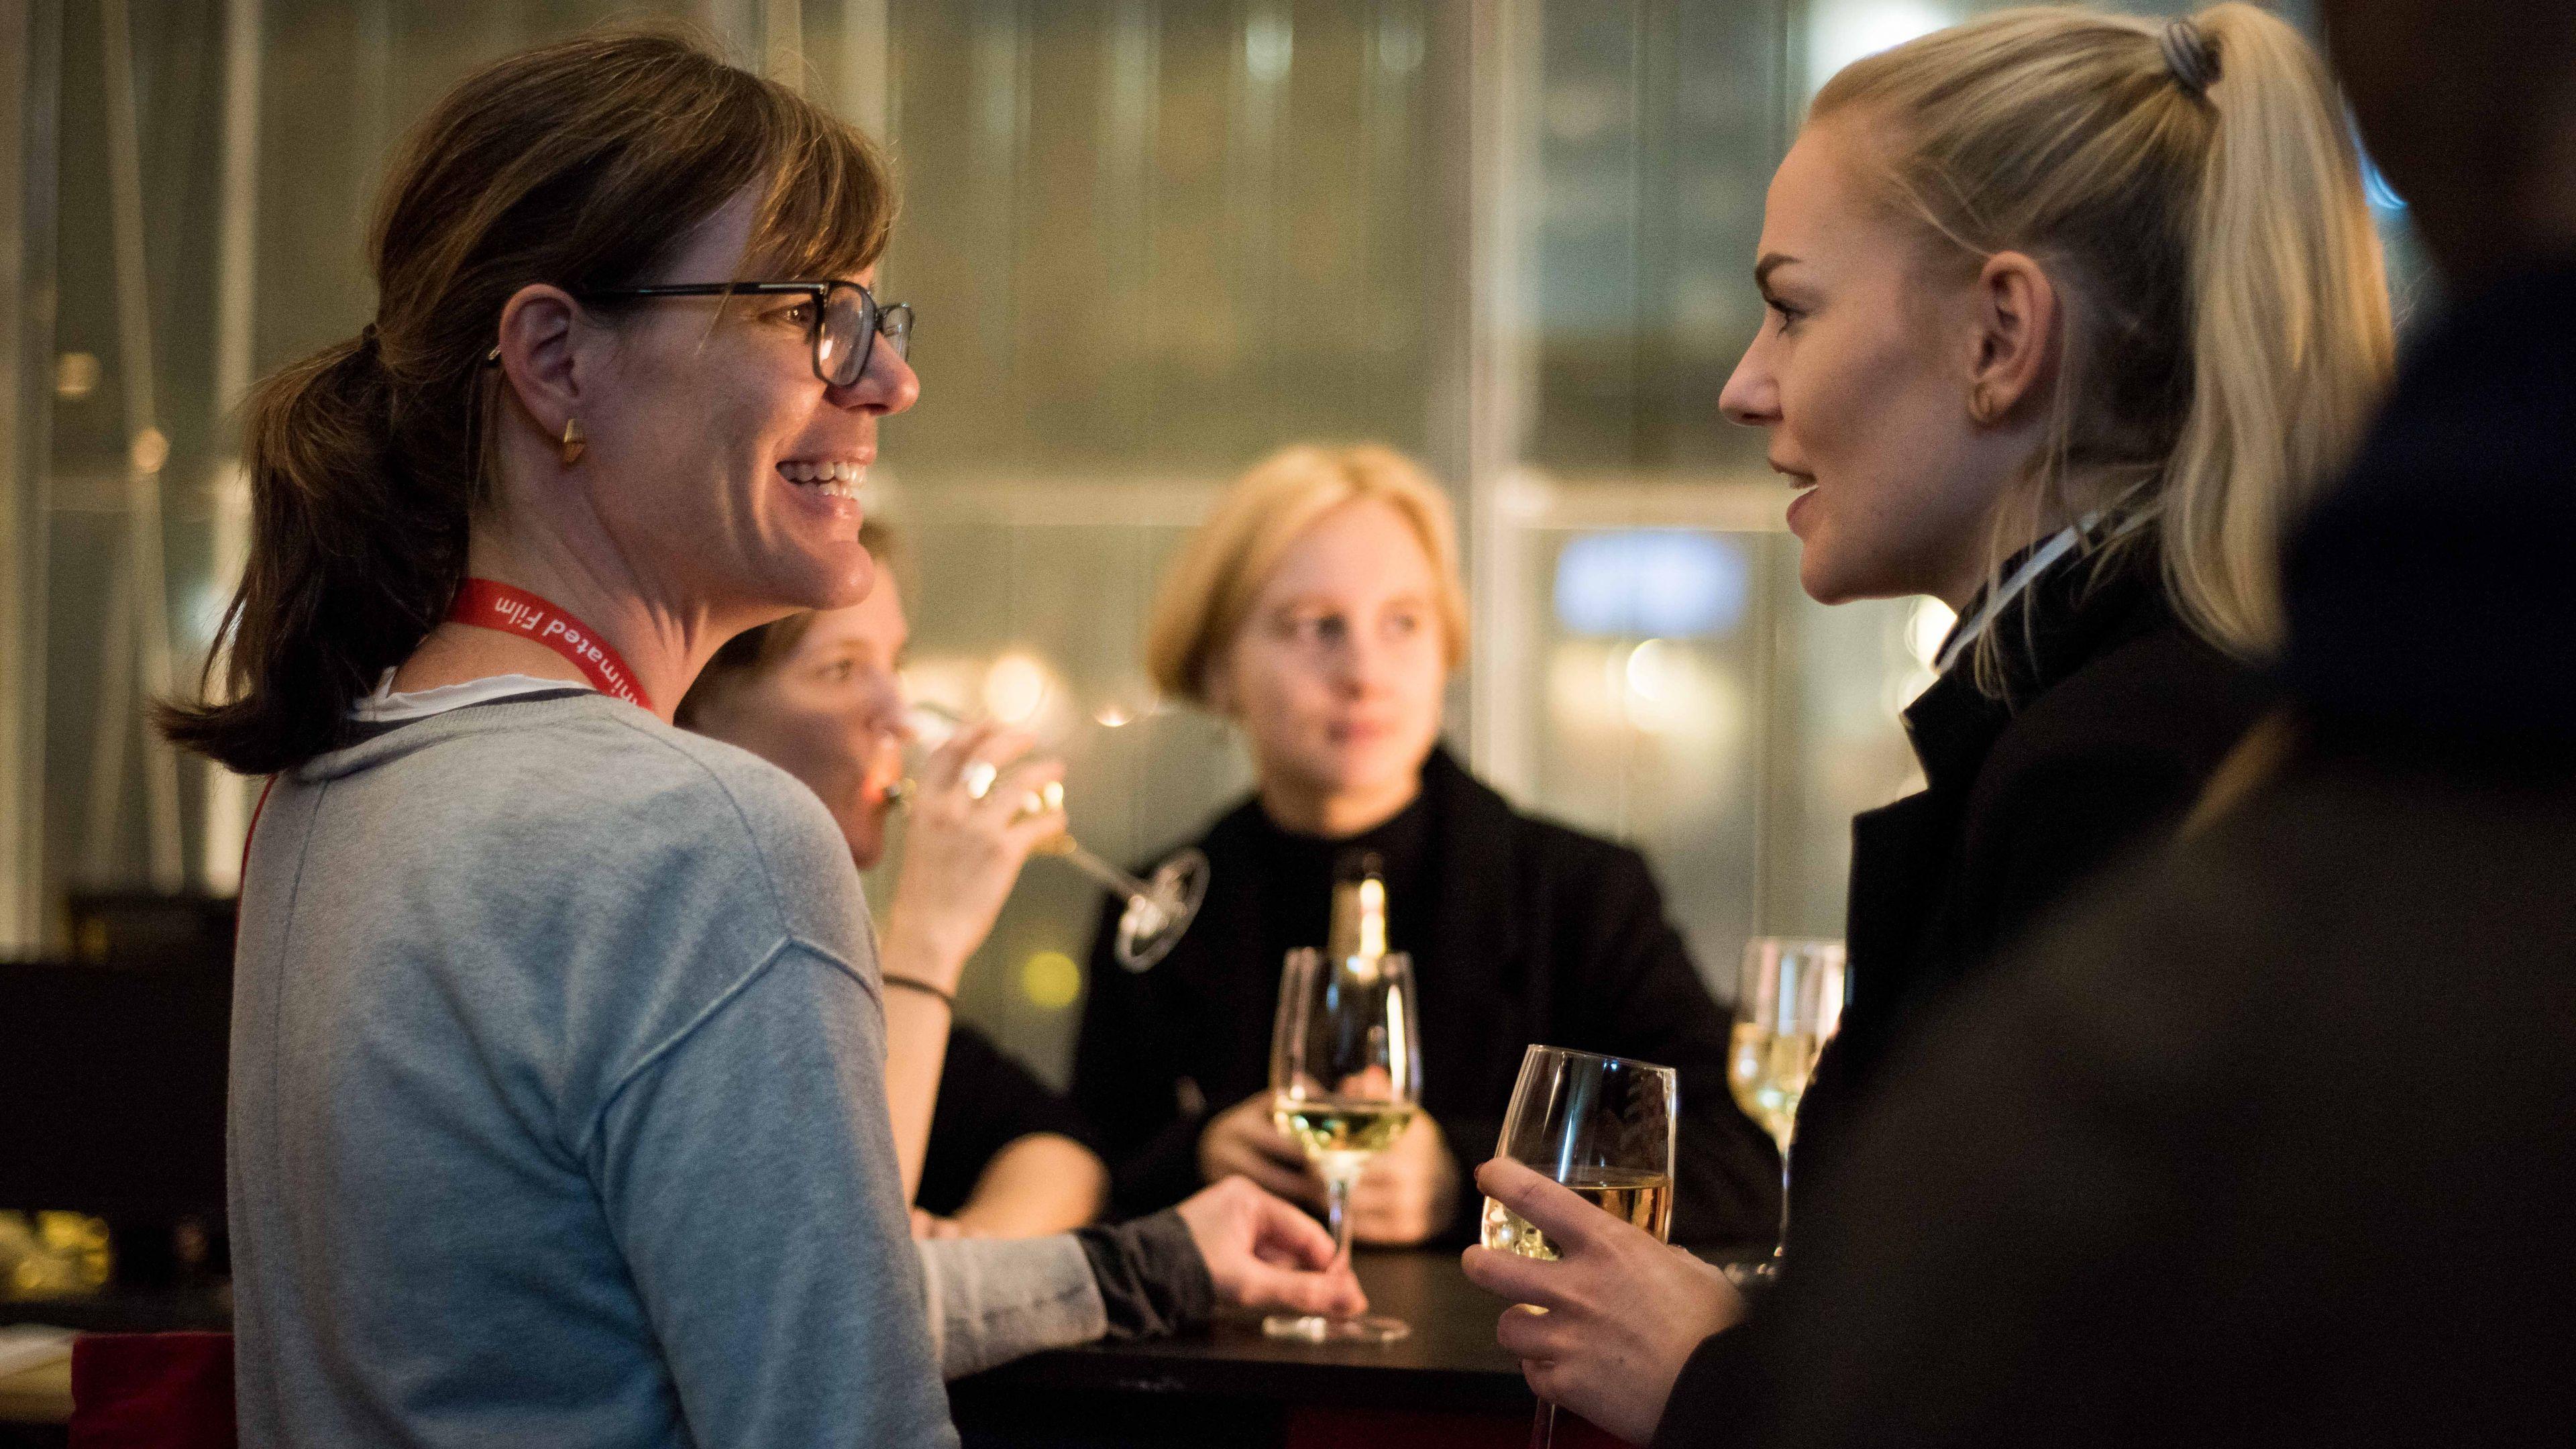 Zwei Frauen mit Sektgläsern in der Hand unterhalten sich bei einer Abendveranstaltung. Die Frau links lächelt.